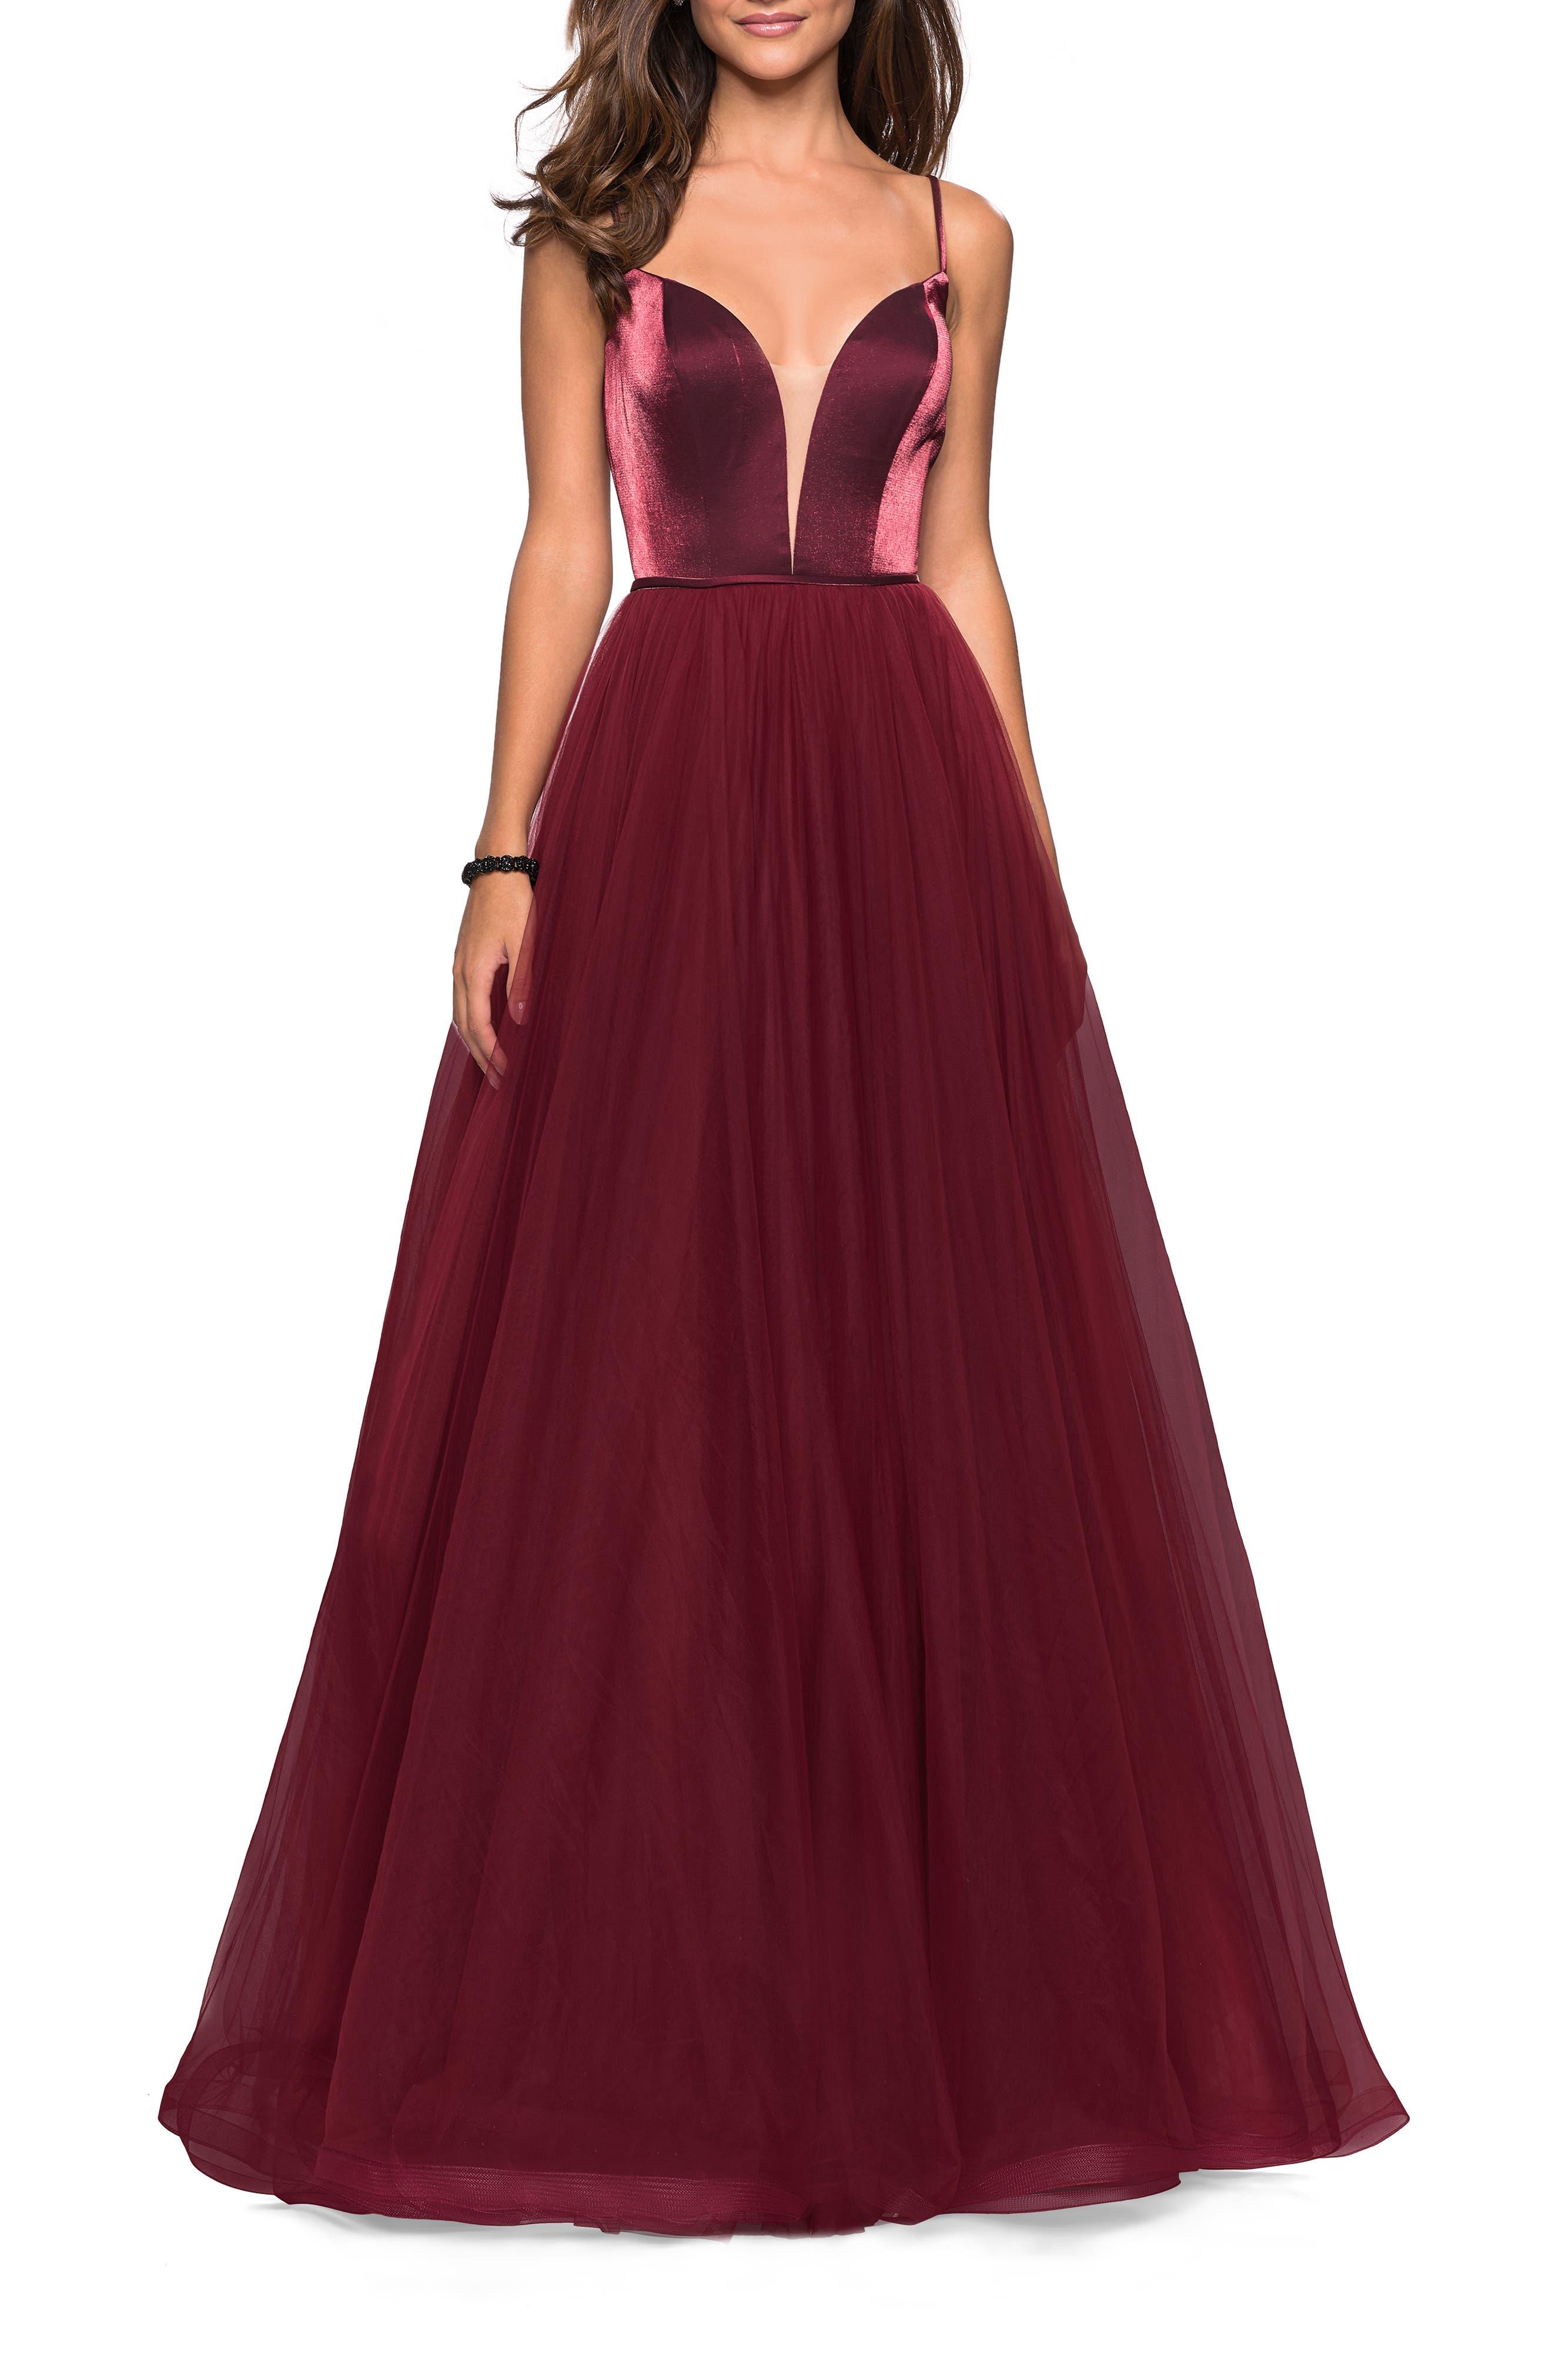 La Femme Velvet & Tulle Evening Dress, Burgundy